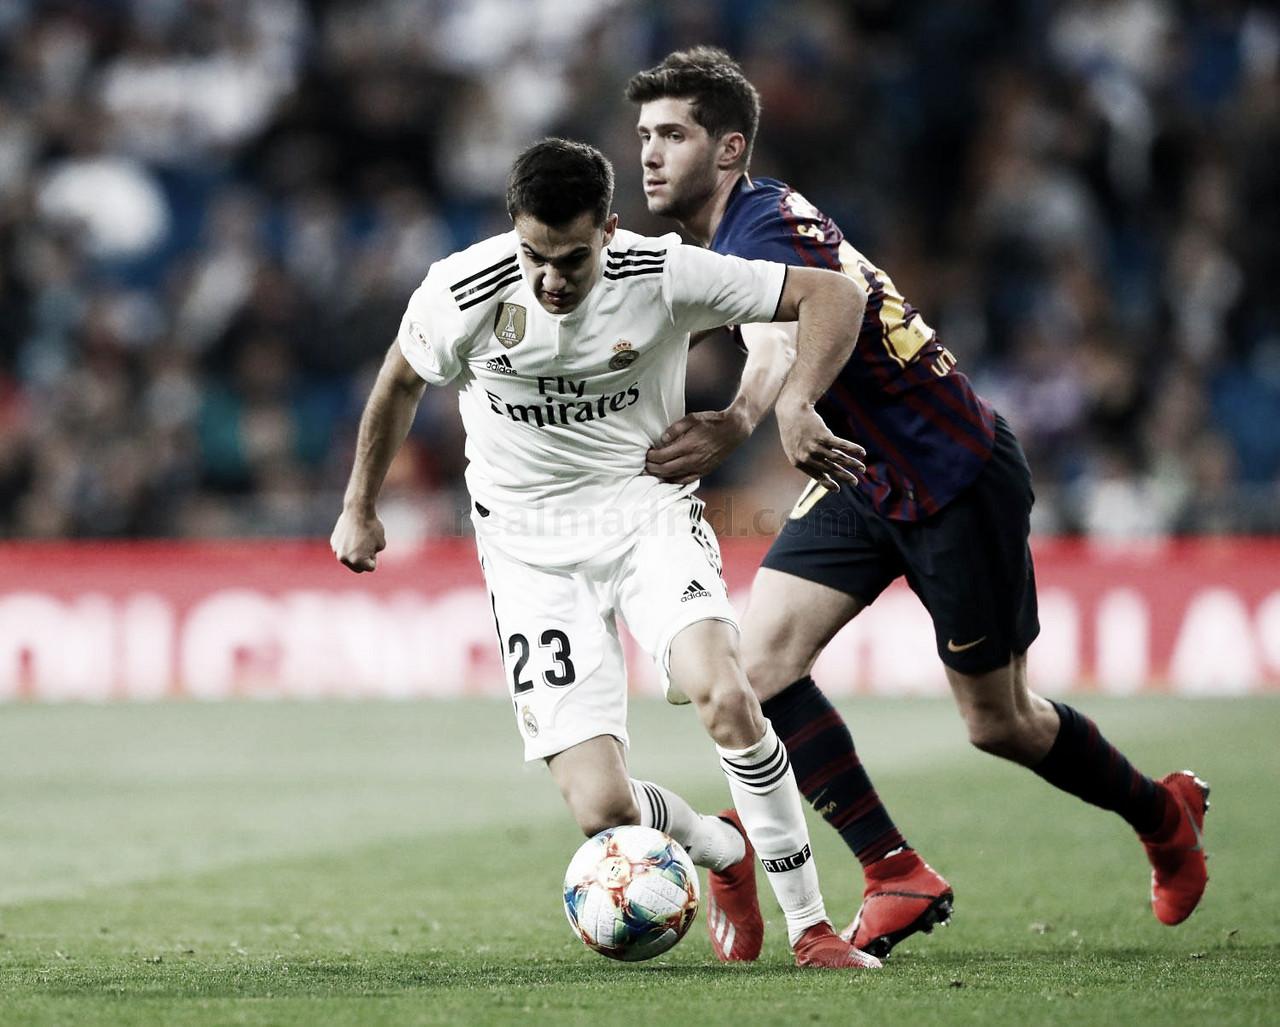 Un efectivo Barça se lleva el clásico ante un buen Real Madrid